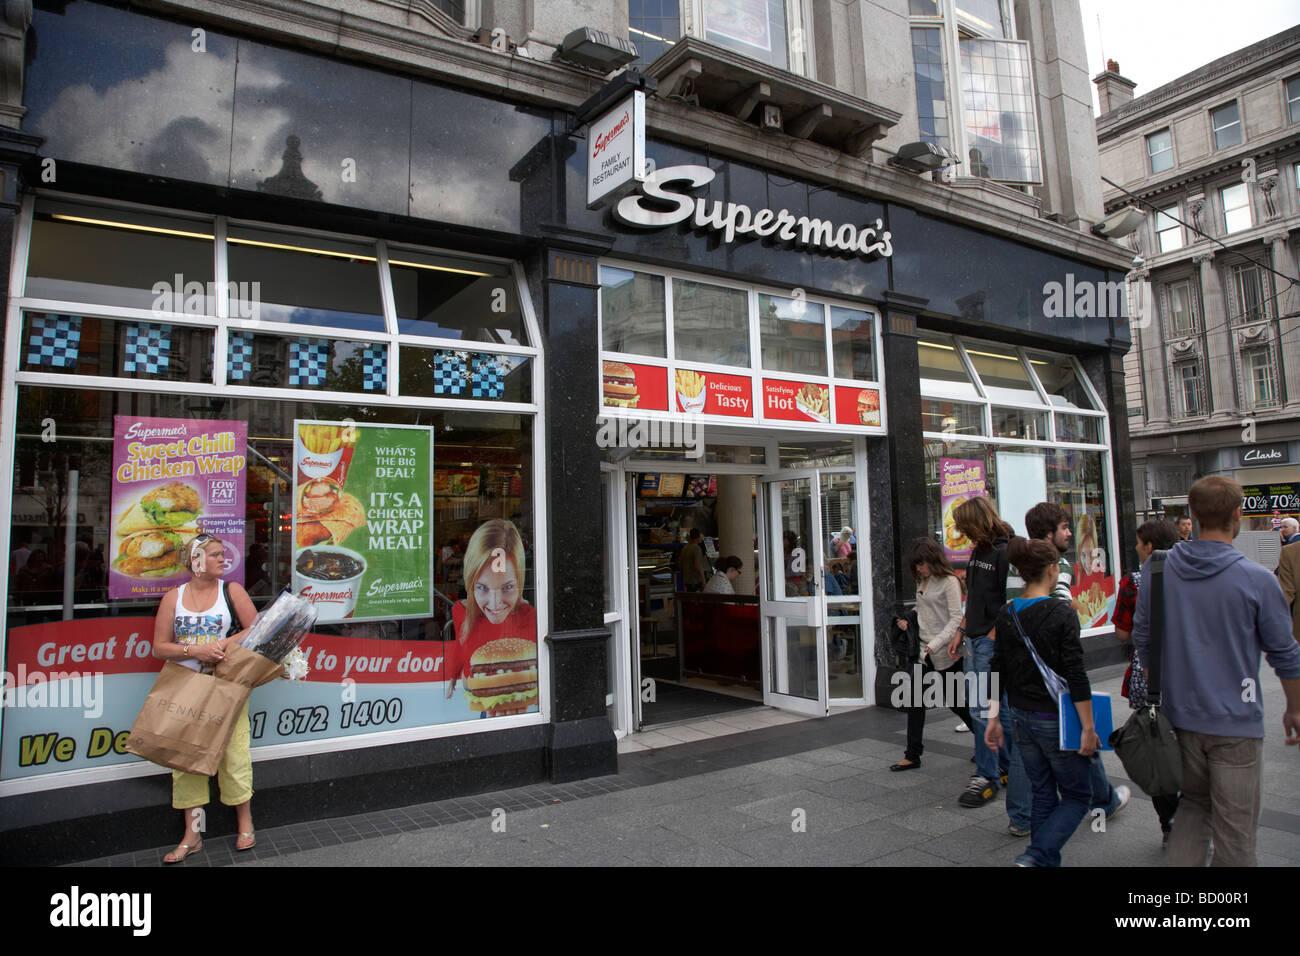 Family Restaurants Dublin City Centre